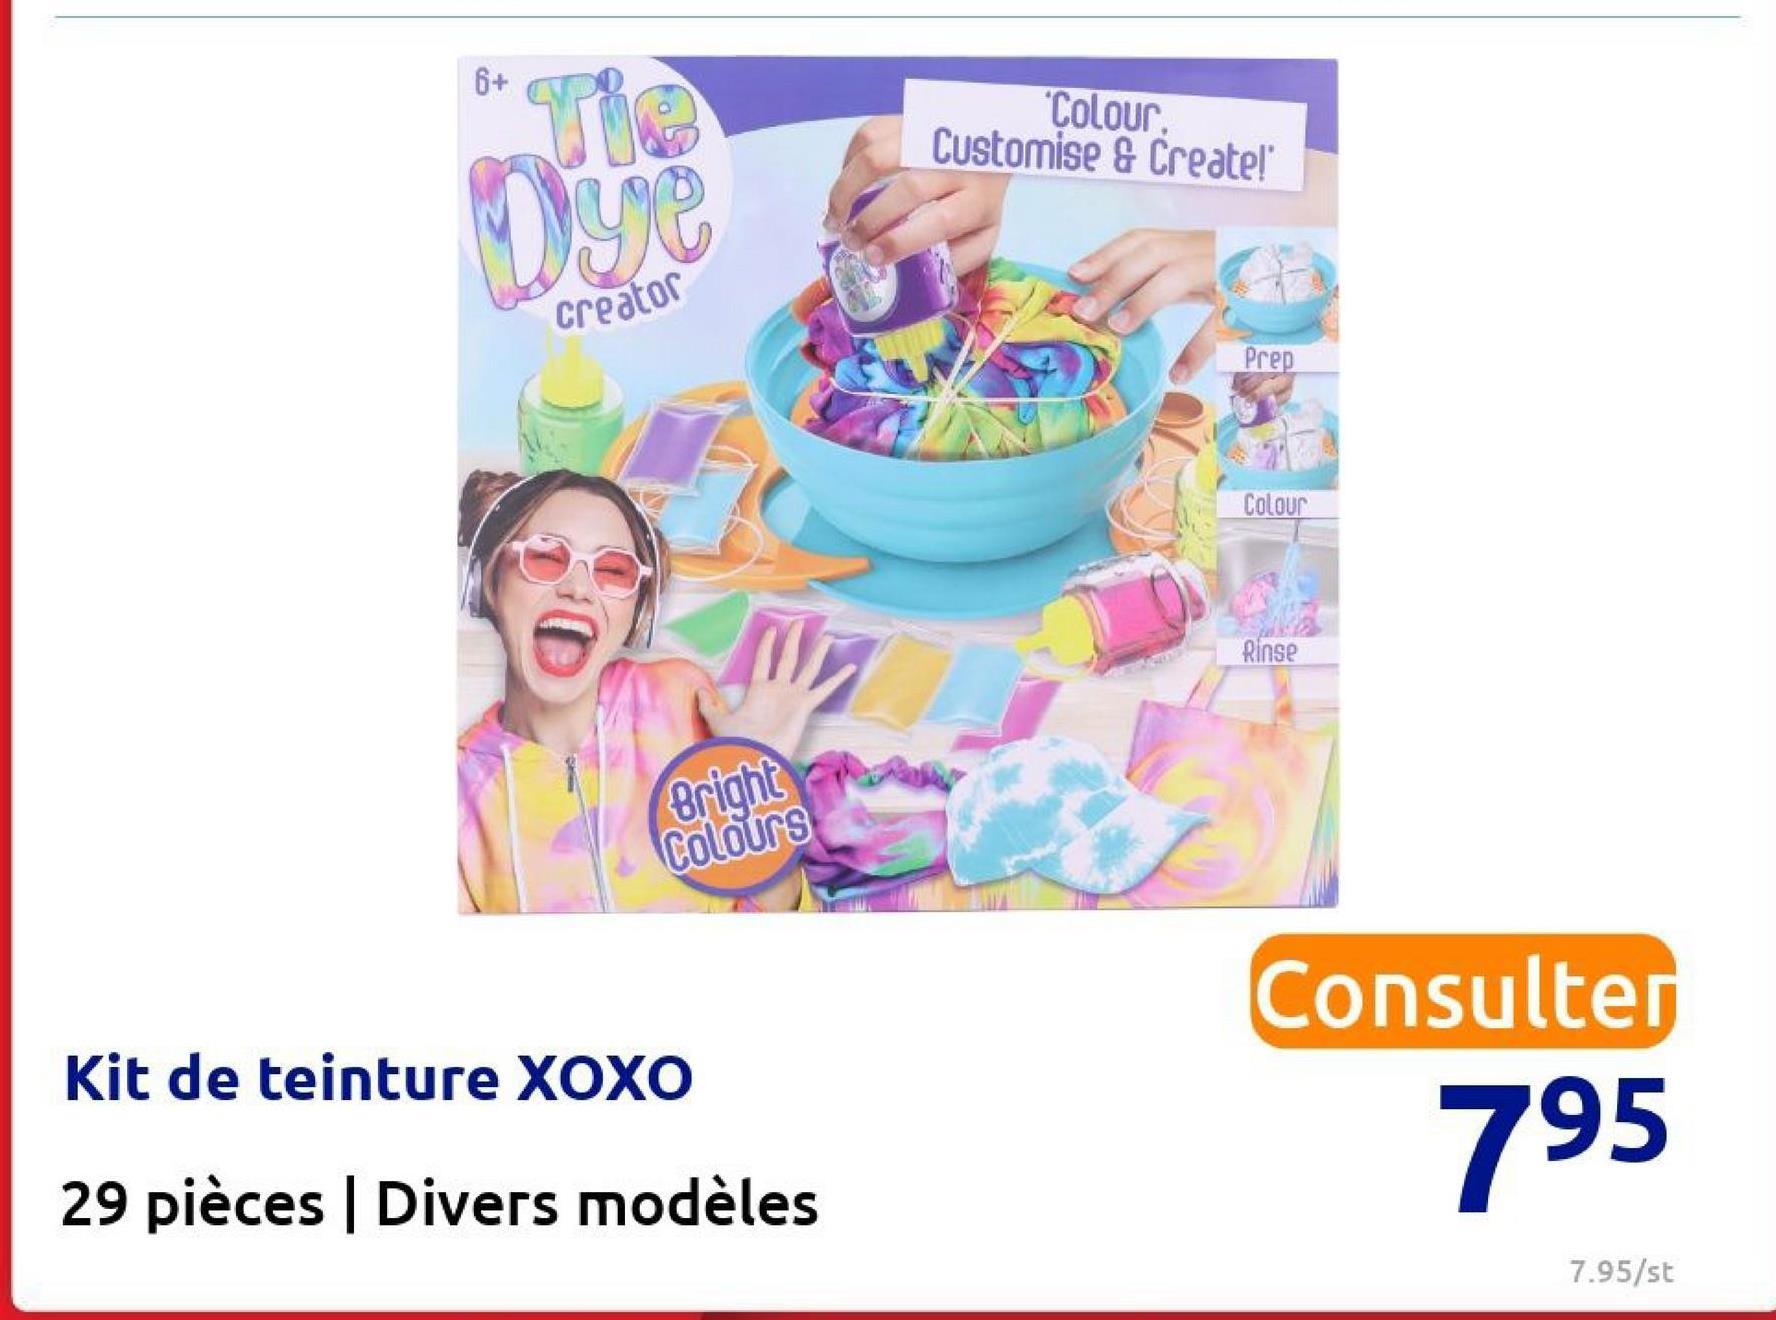 """6+ Colour. Customise & Create!"""" vie Dye Creator Prep Colour Rinse Bright Colours Consulte Kit de teinture XOXO 795 29 pièces Divers modèles 7.95/st"""